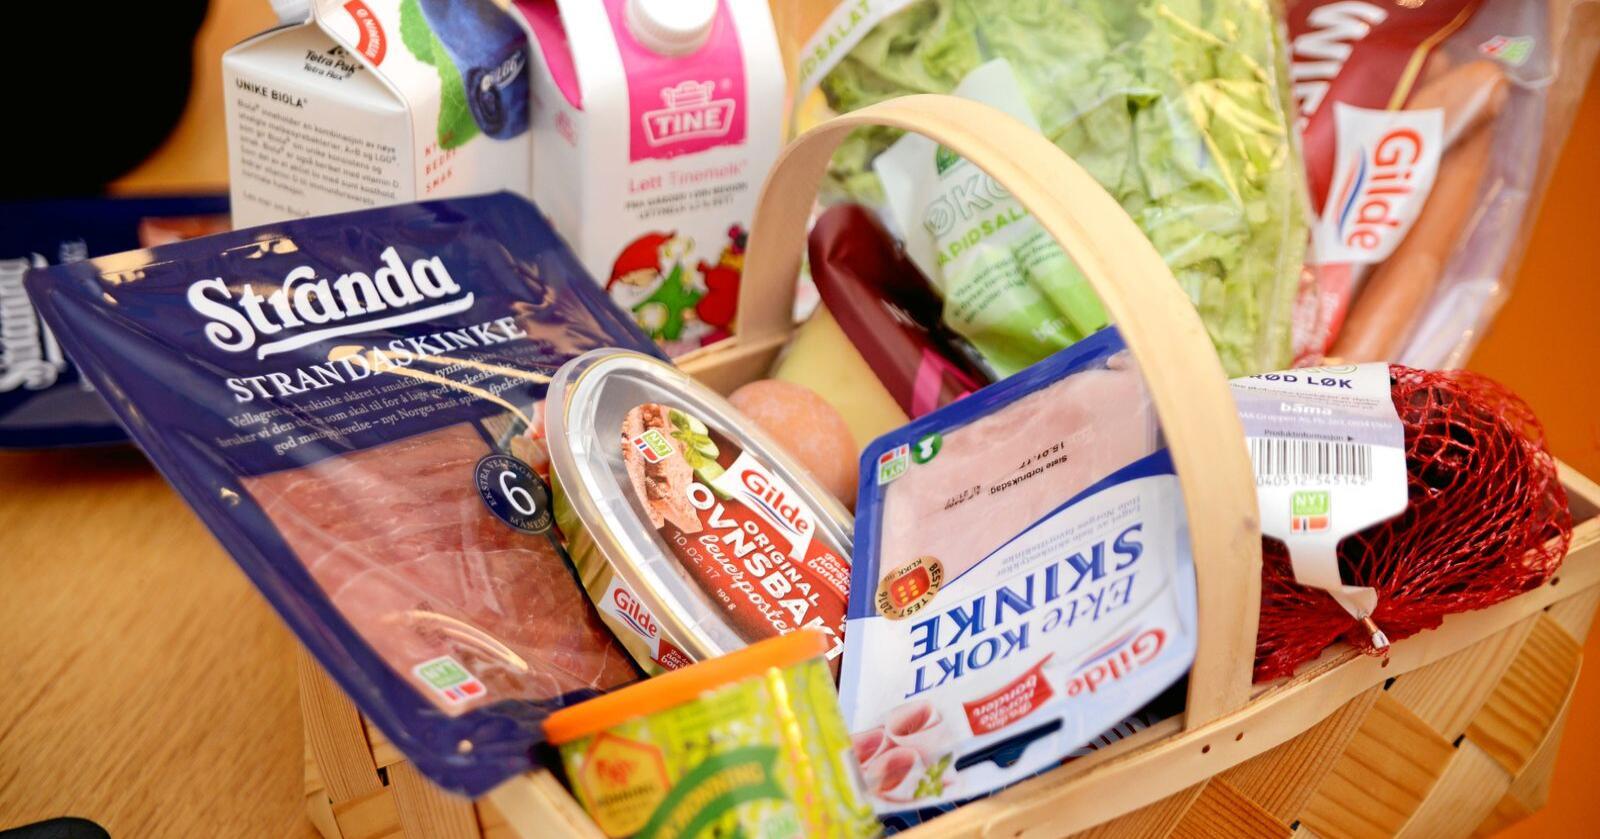 Forbrukarådet og Nyt Norge må gjer ein skikkeleg innsats for betre matmerking, mener Eli Berge Ness. Foto: Mariann Tvete